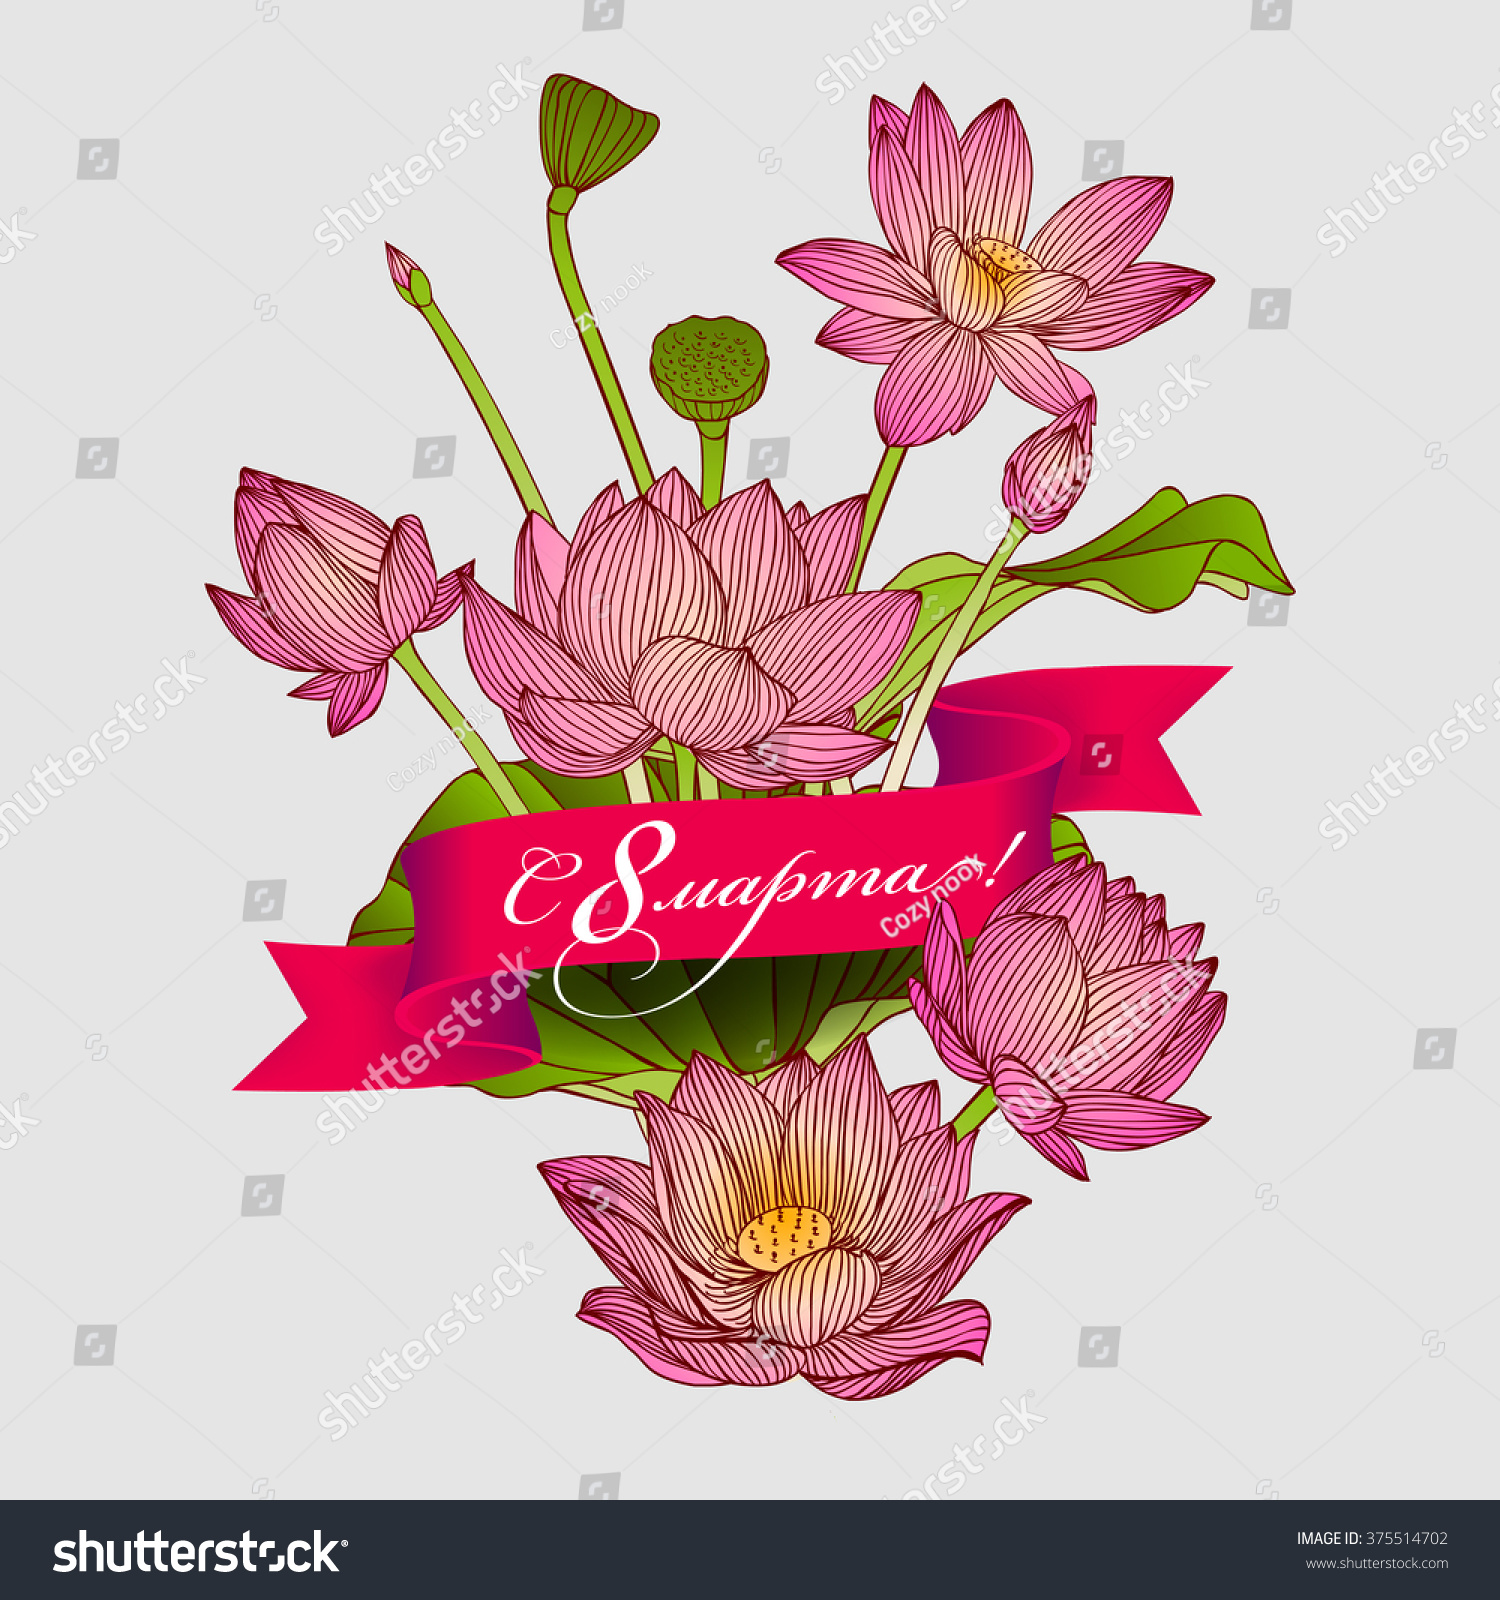 Greeting Card Lotus Ribbon That Says Stock Vector Royalty Free